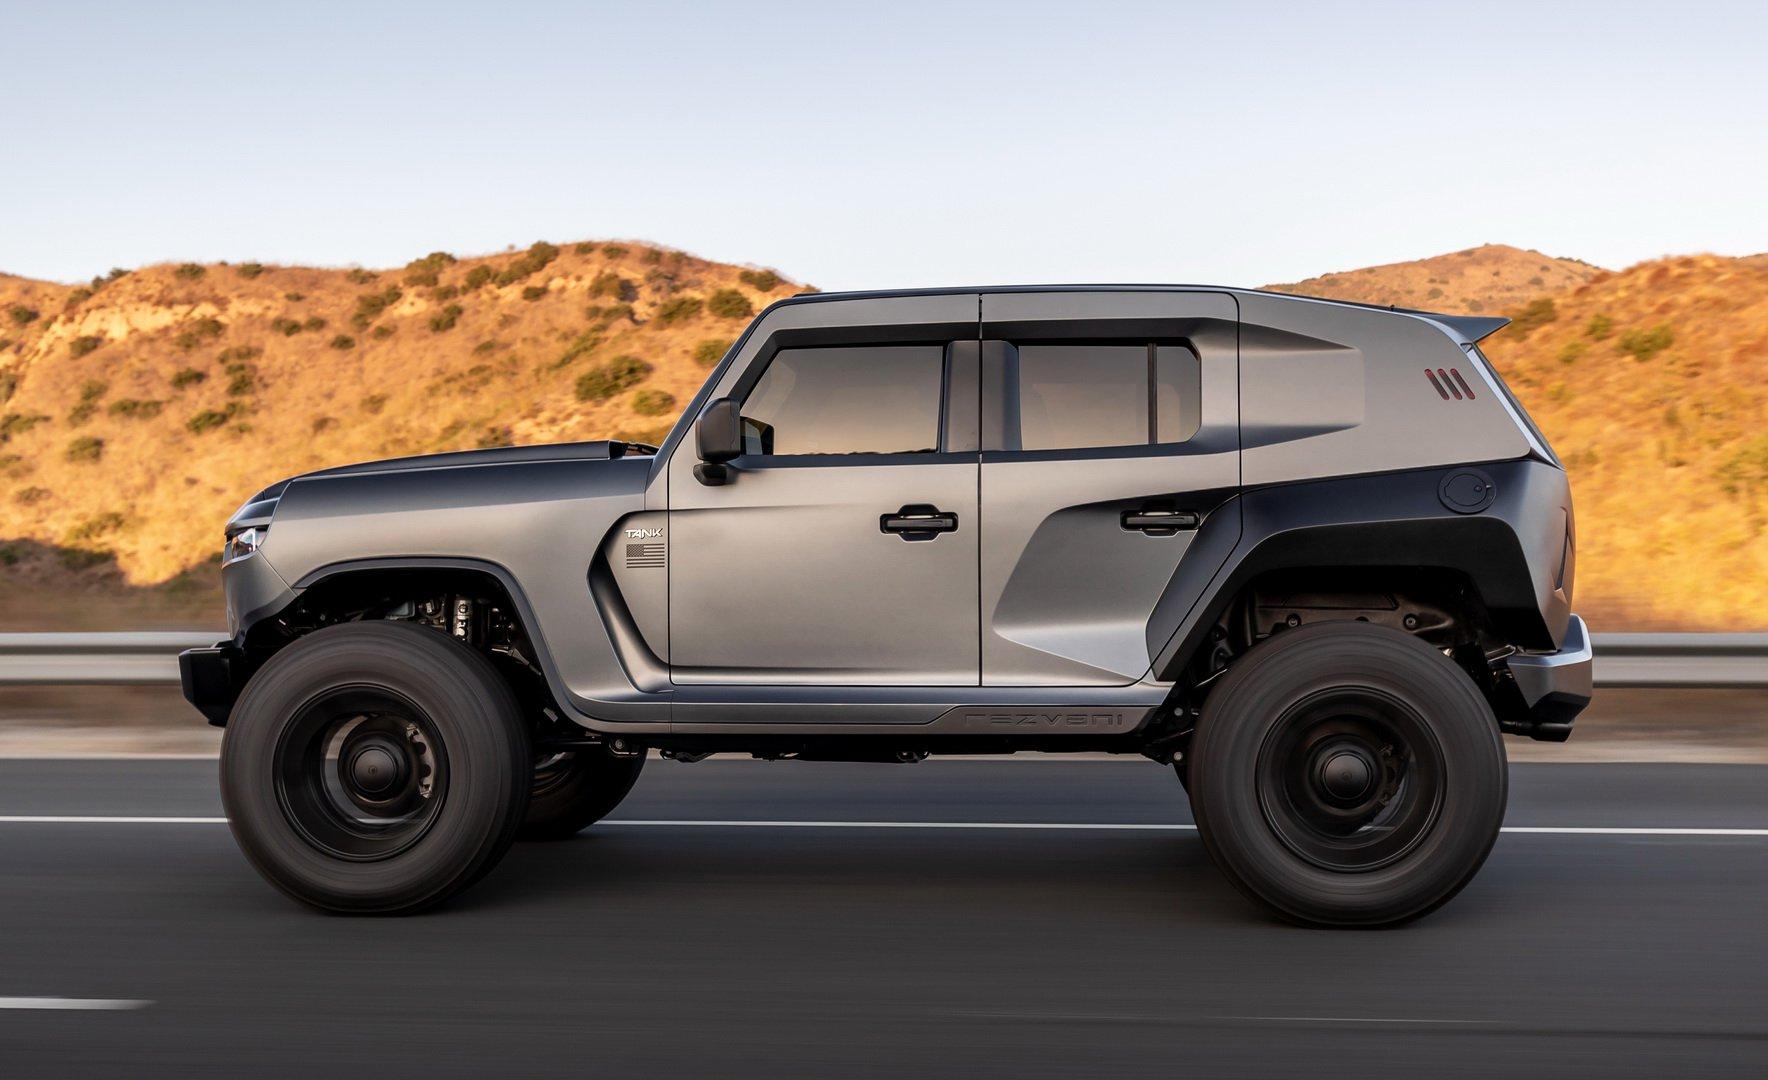 Có gì ở Rezvani Tank 2020: Chiếc SUV mạnh mẽ nhất thế giới? - Hình 2